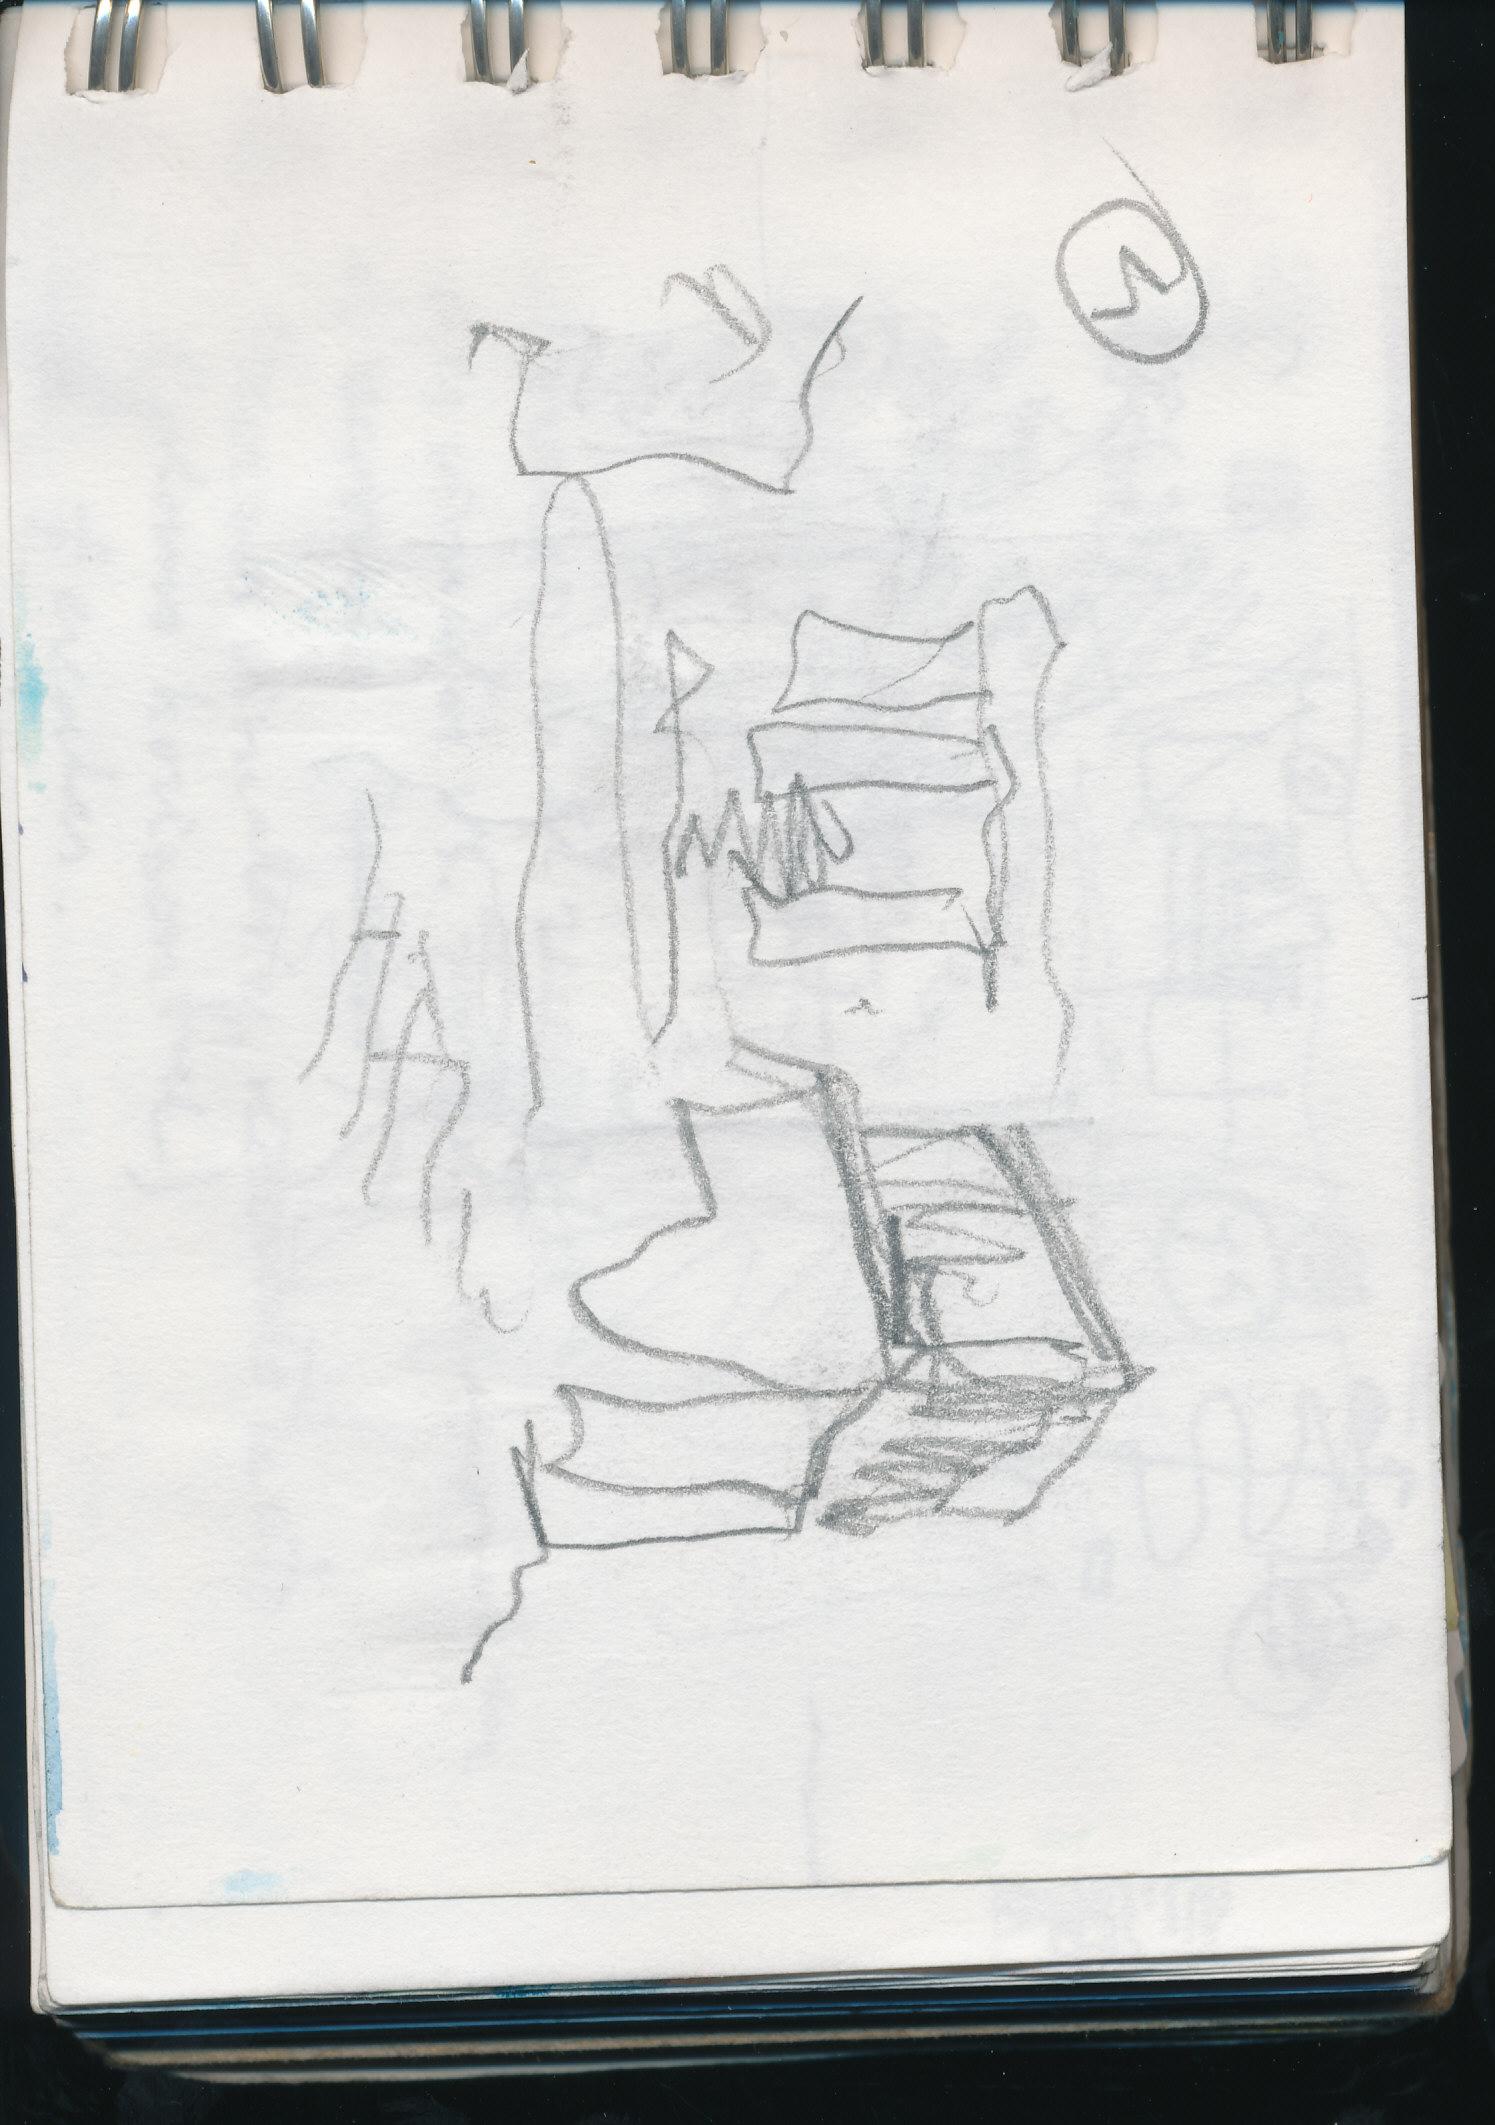 cuaderno 8_0022.jpg